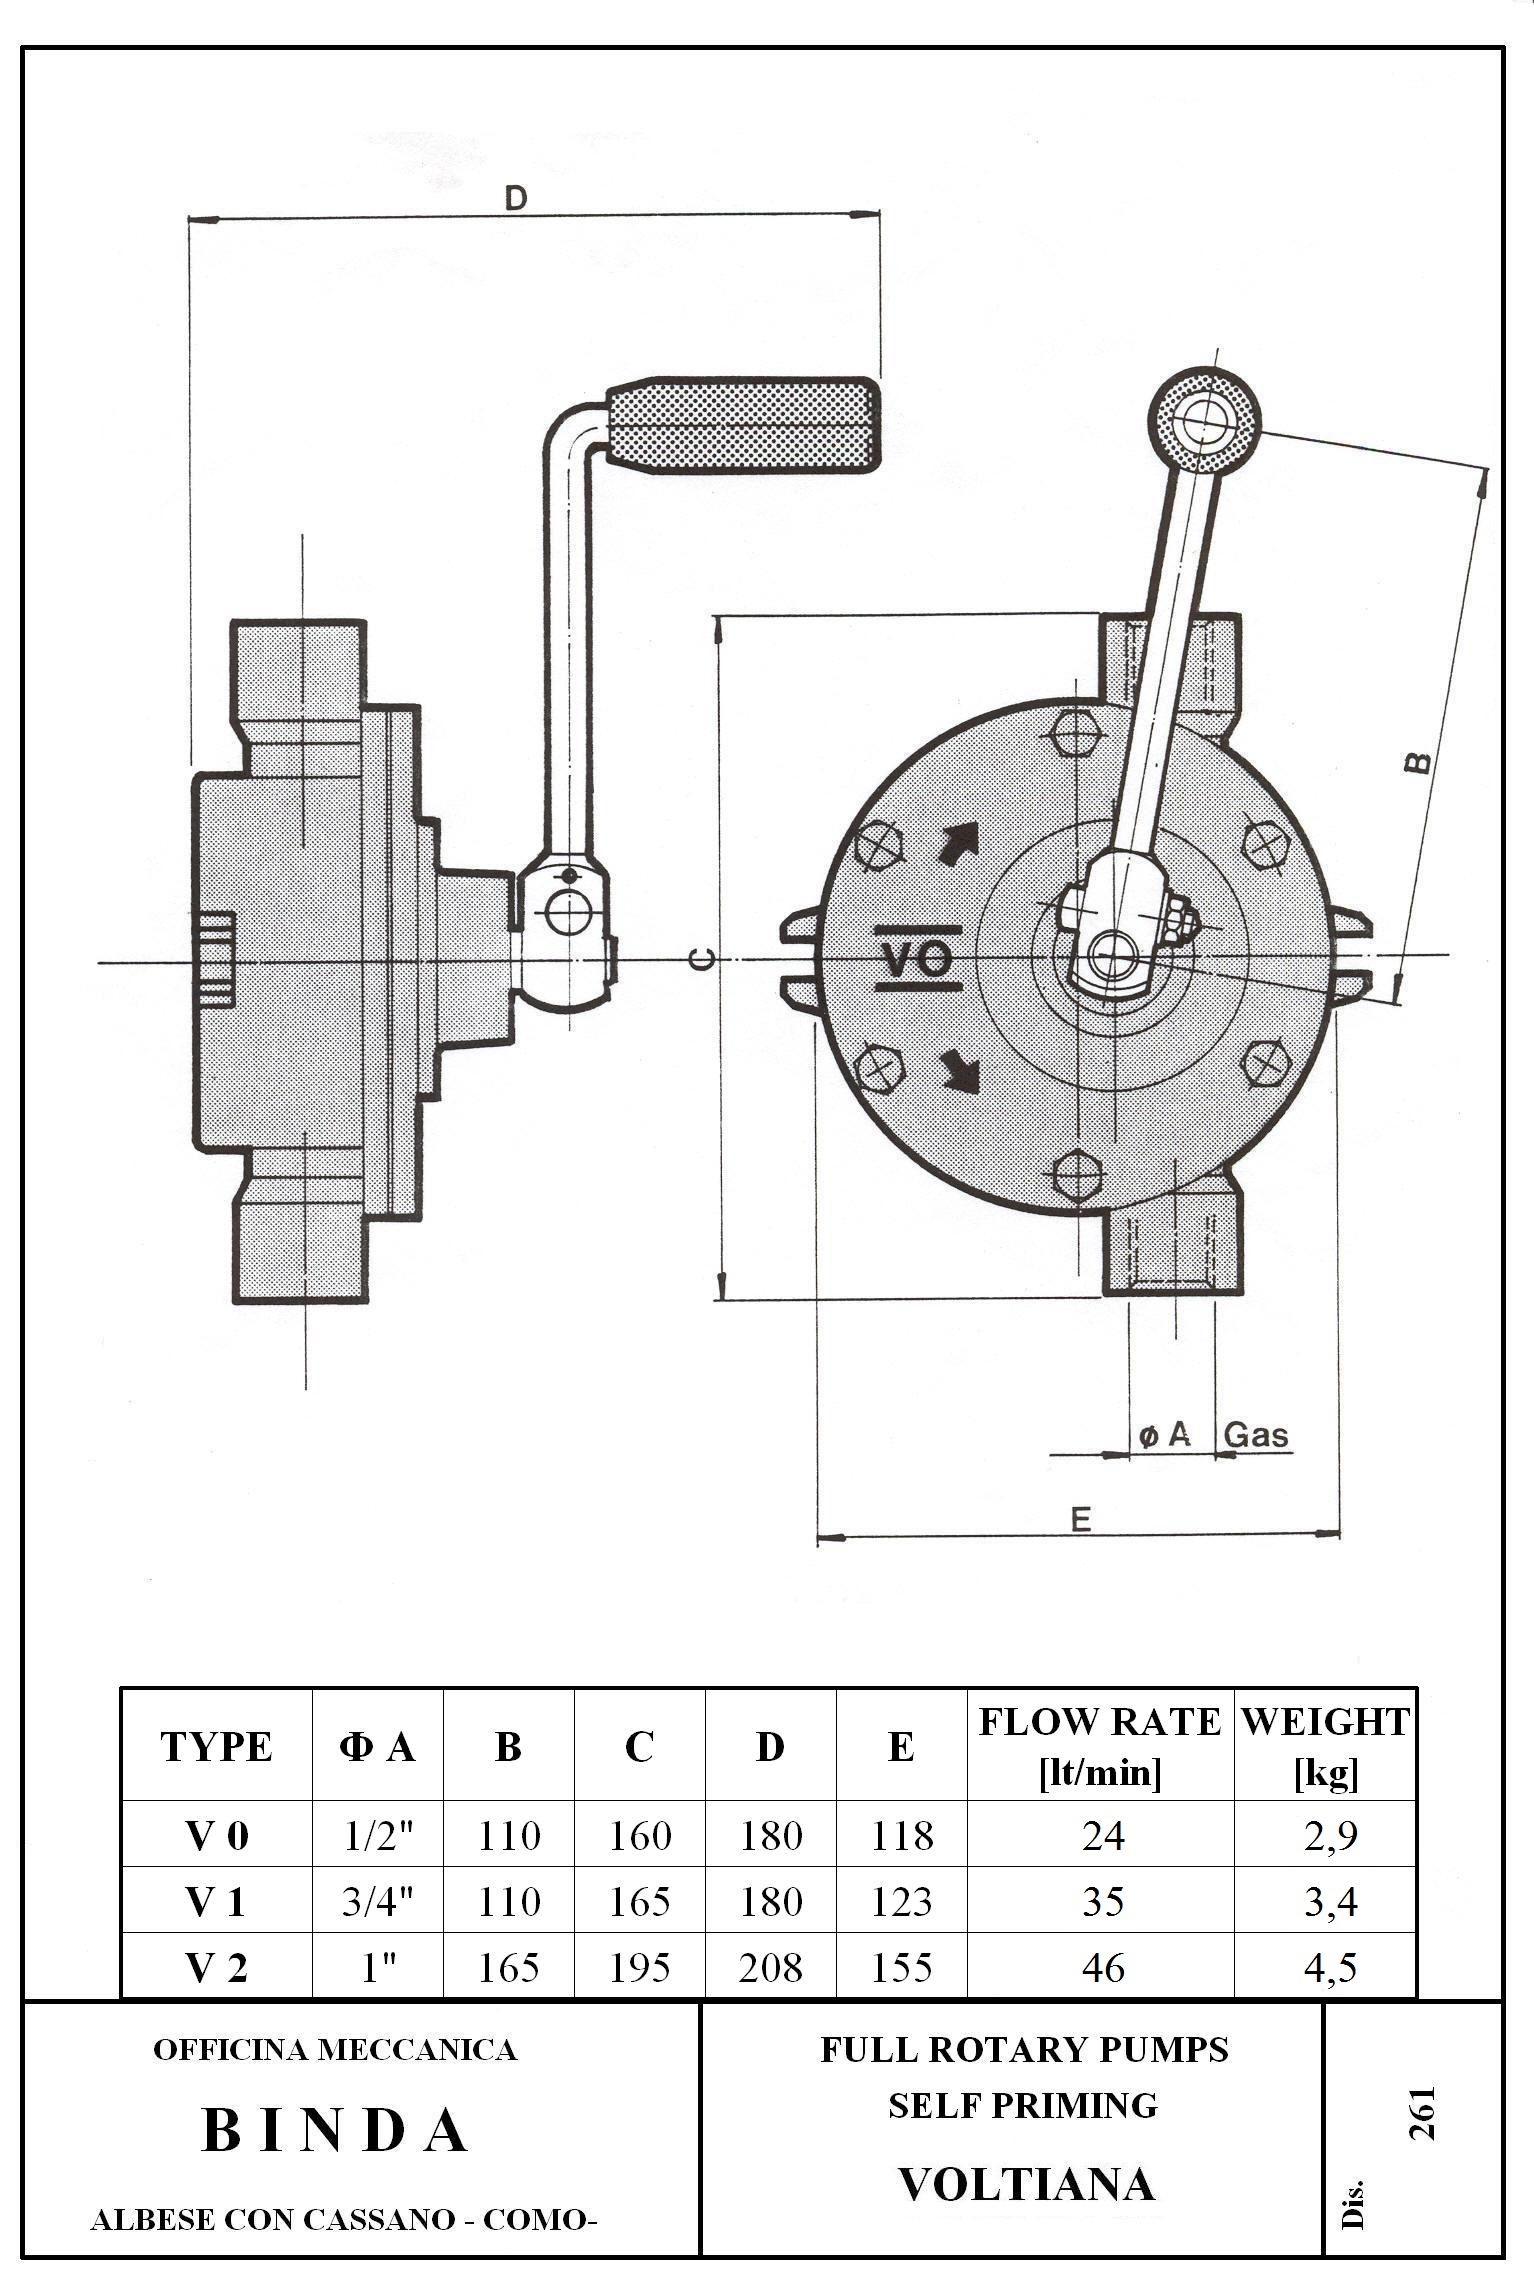 Binda Voltiana Rotary Hand Pump   Manual Pump   Castle Pumps